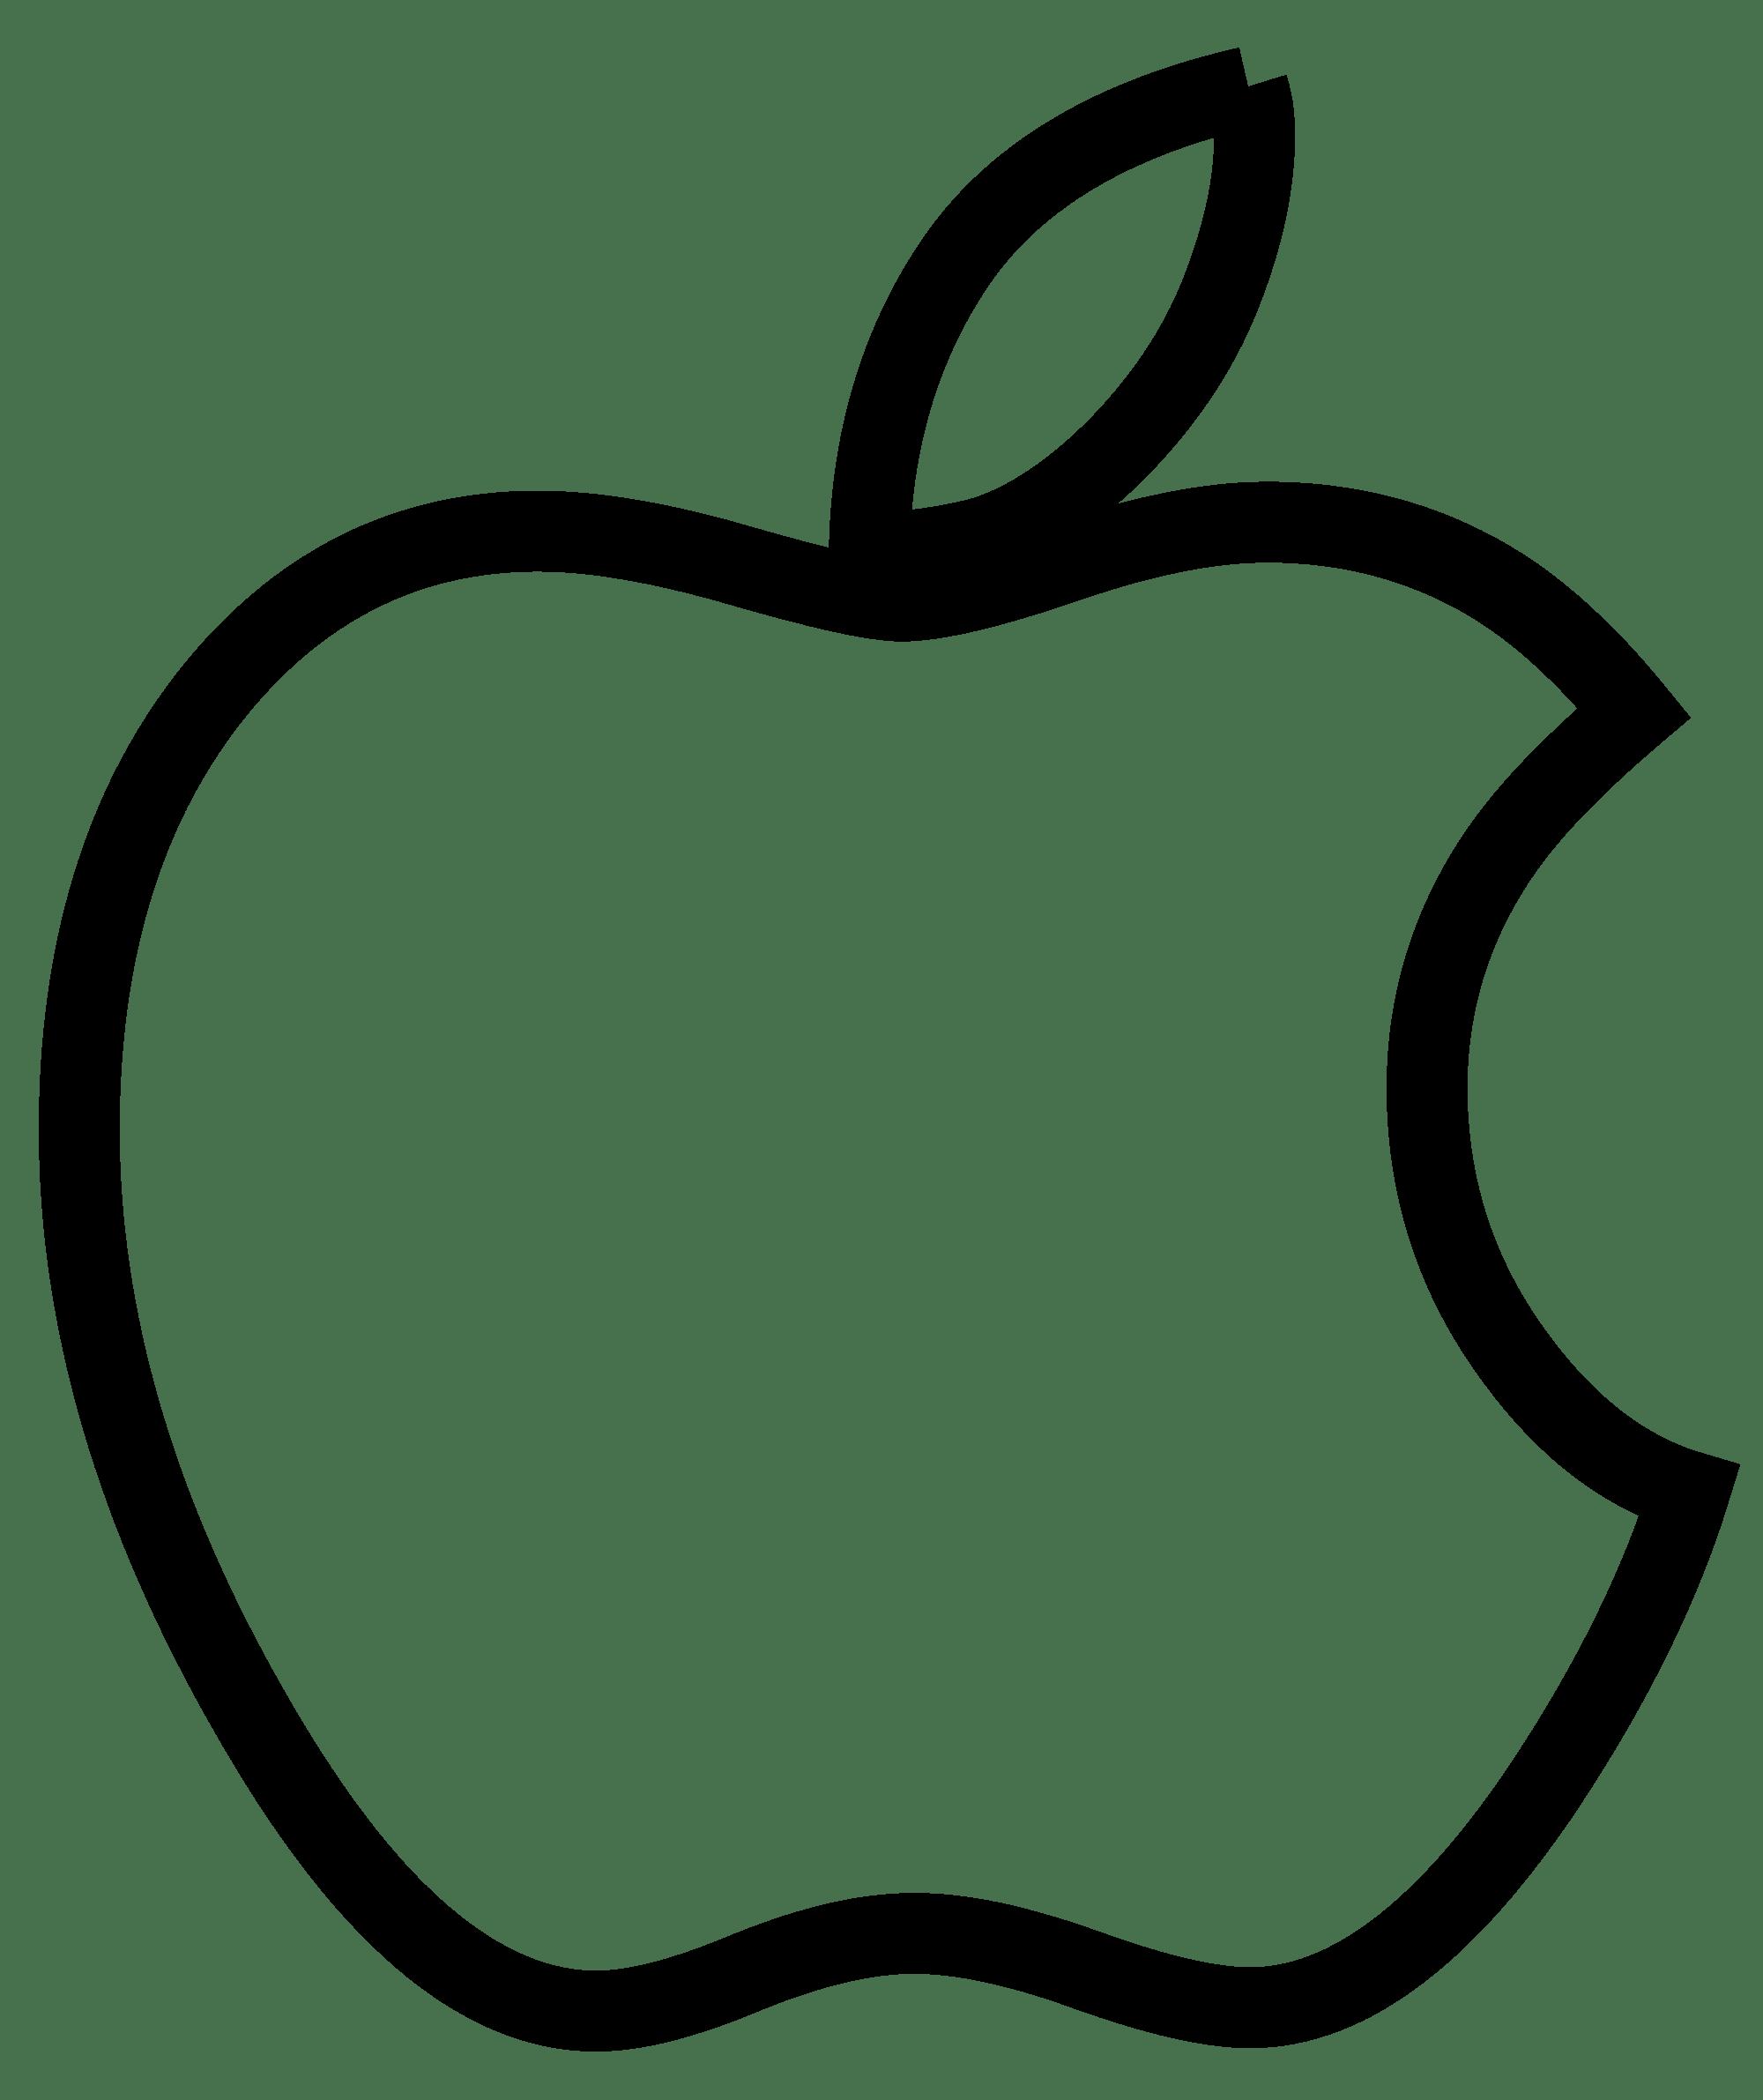 Black Apple Logo Transparent Background